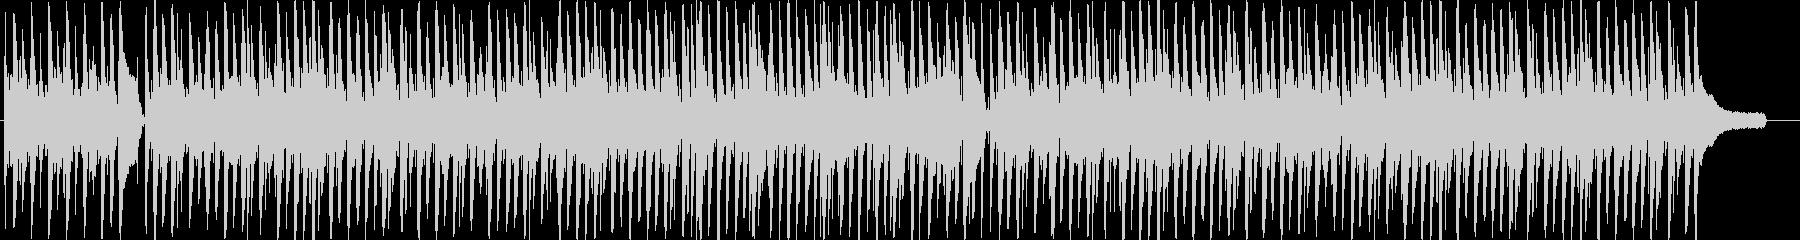 ほのぼの明るいアコースティック音楽♪の未再生の波形